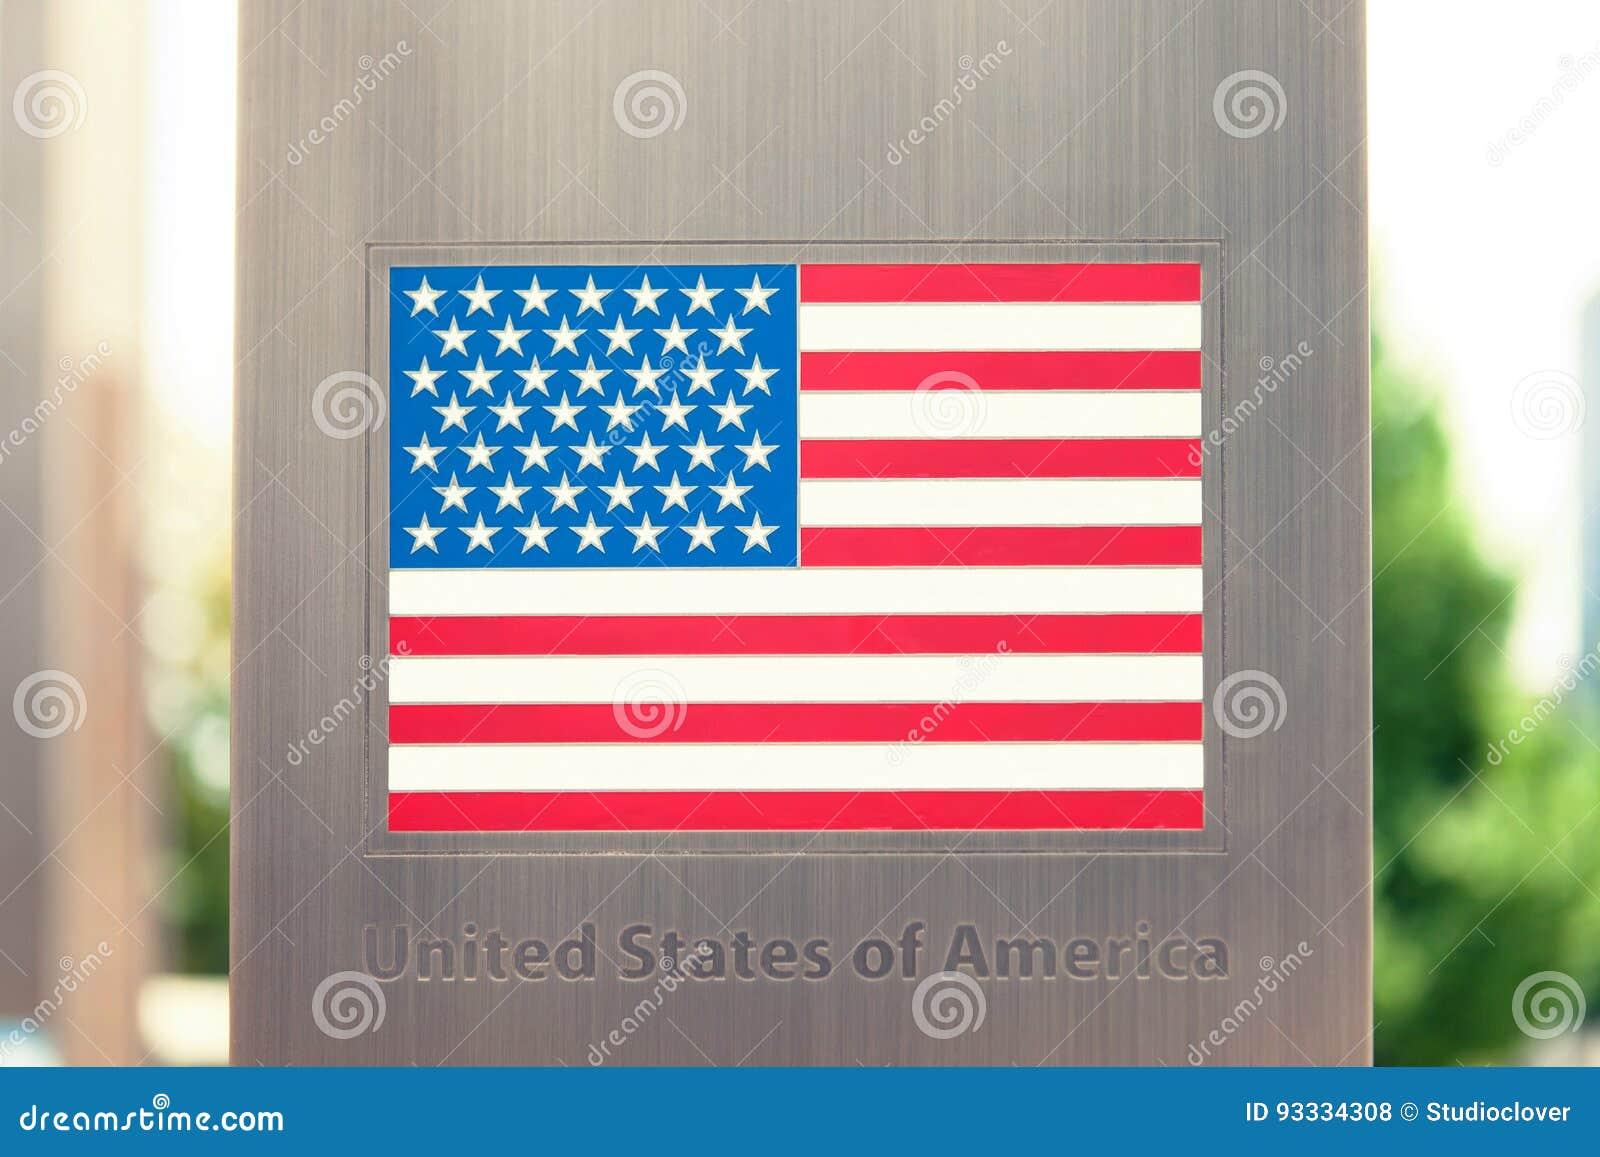 Serie flaga państowowa na słupie - Stany Zjednoczone Ameryka Filtrujący wizerunek: krzyż przetwarzający rocznika skutek